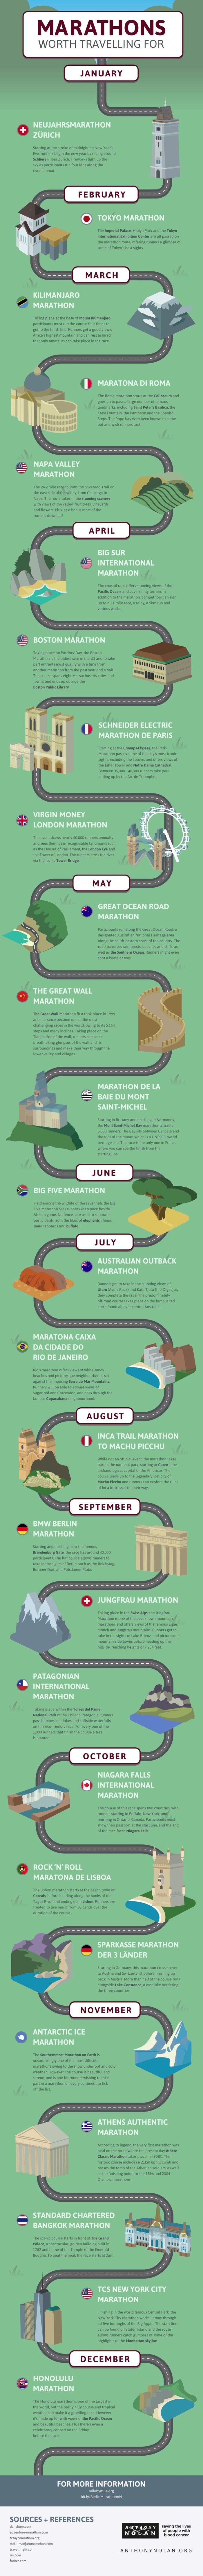 marathons around the world infographic